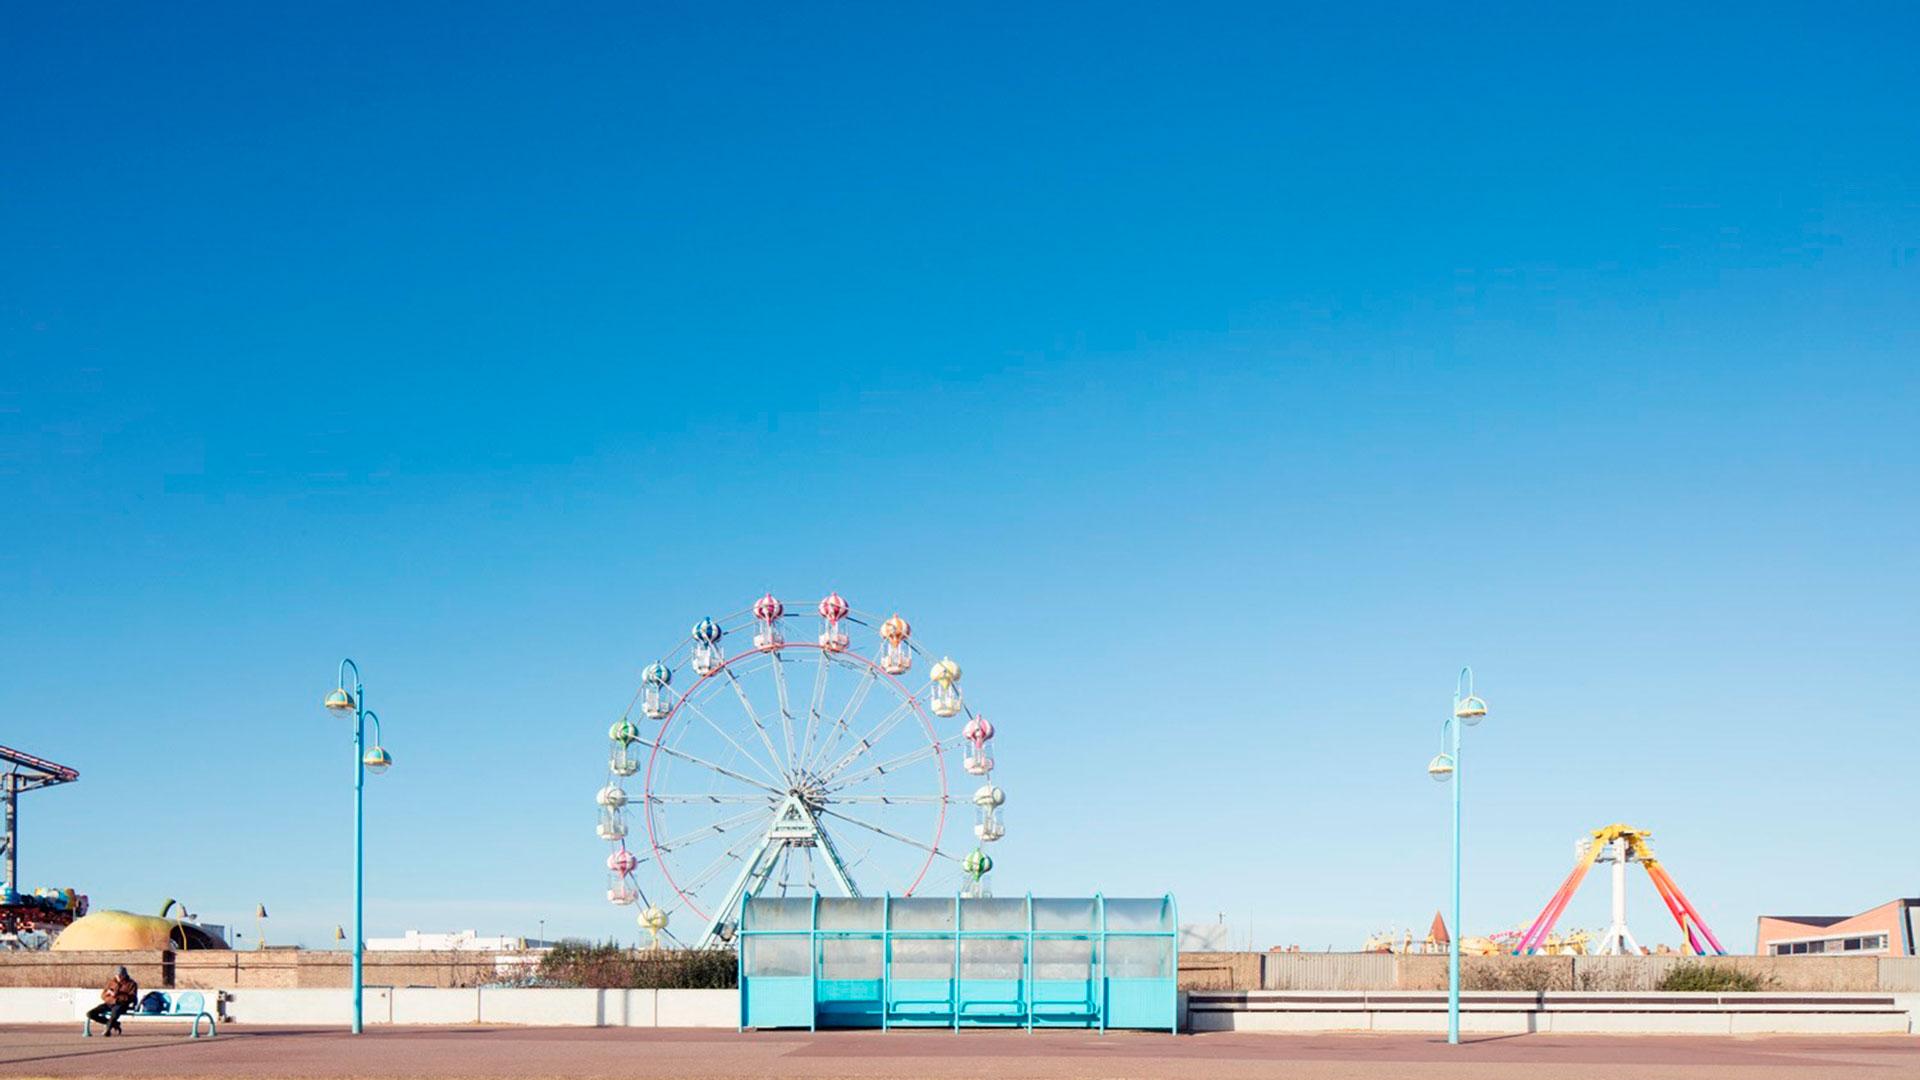 Imagen de la exposición Seaside Shelters